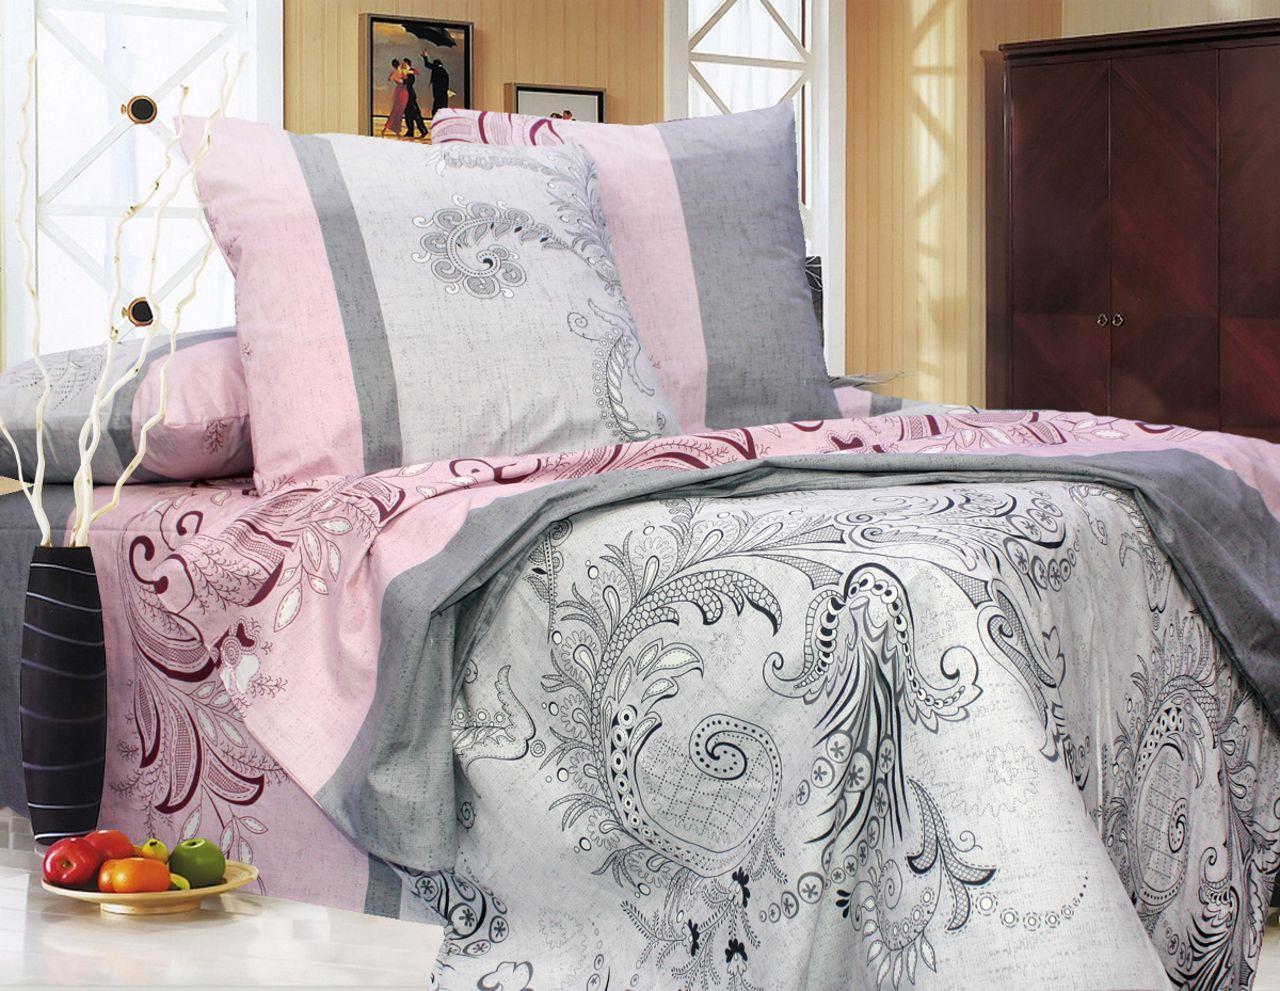 Еней-Плюс Двойной постельный комплект Т0709 Еней-Плюс, цвет: серый, розовый